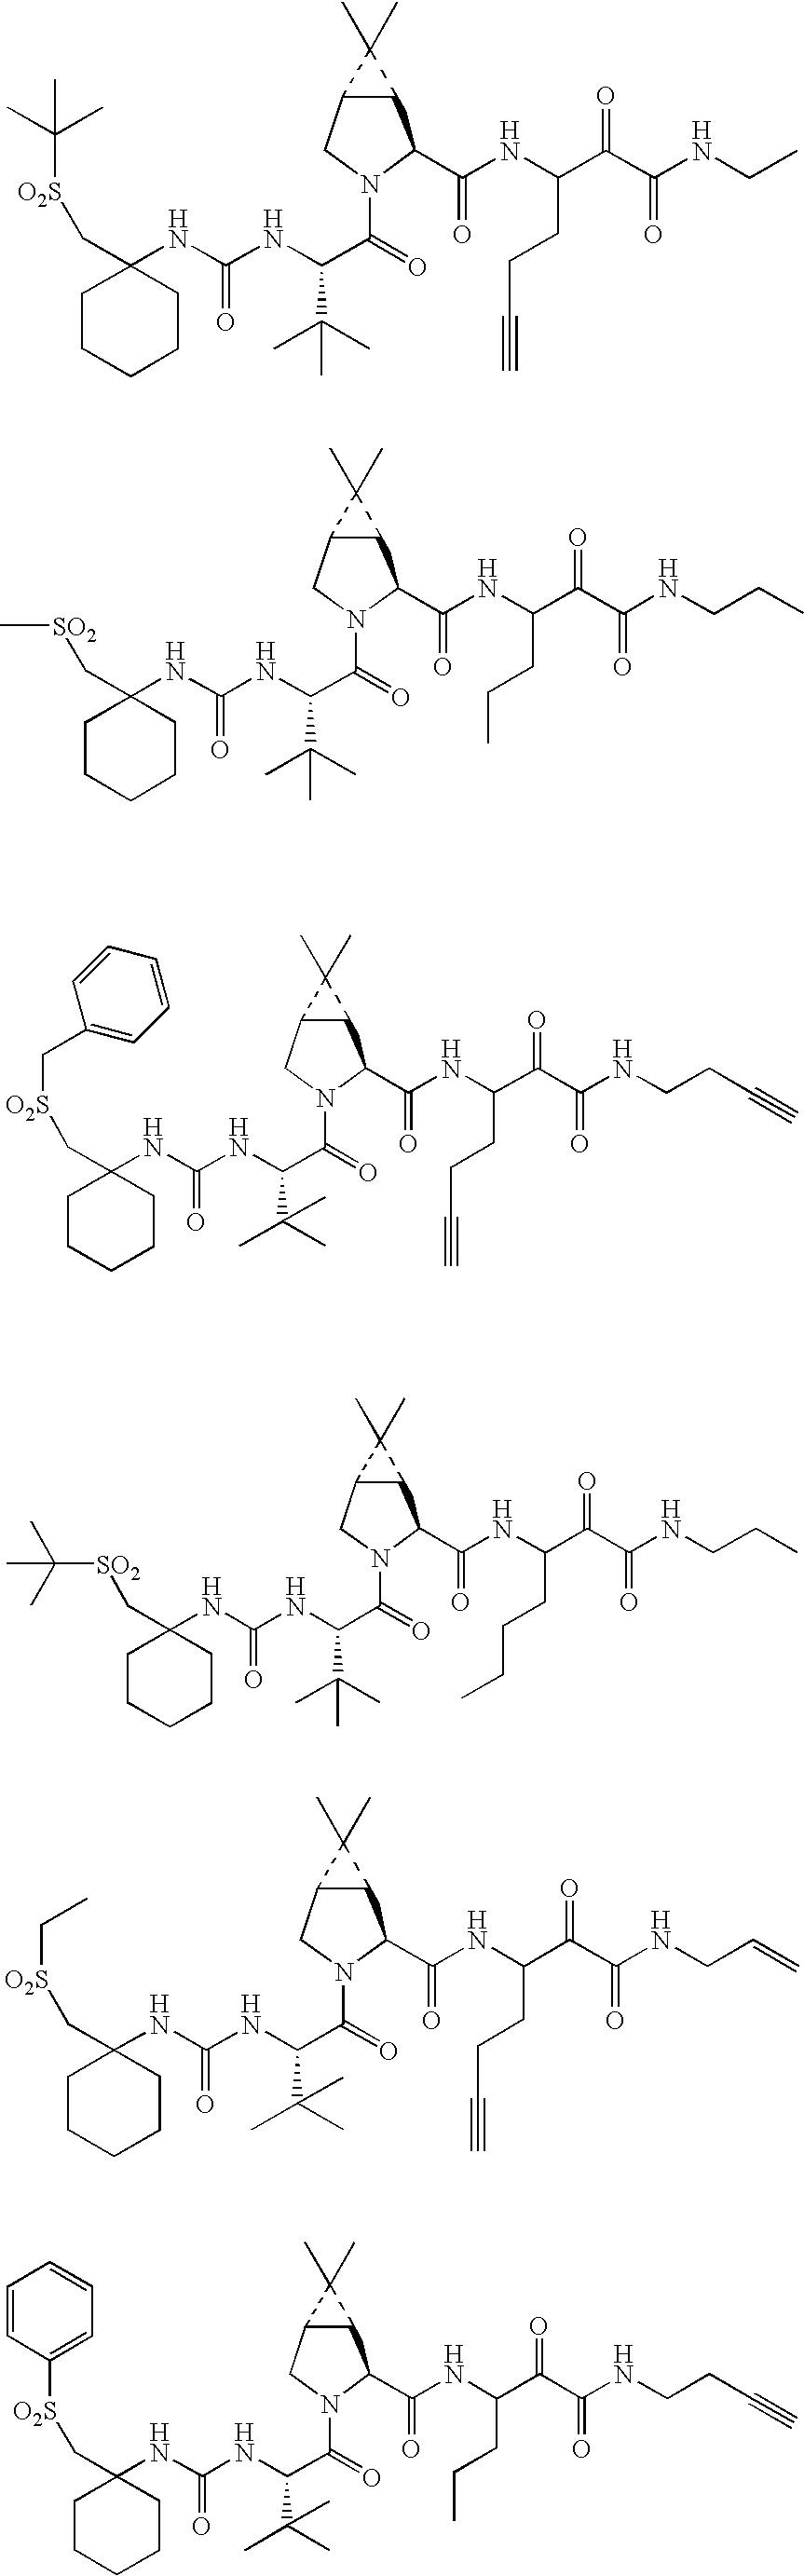 Figure US20060287248A1-20061221-C00457